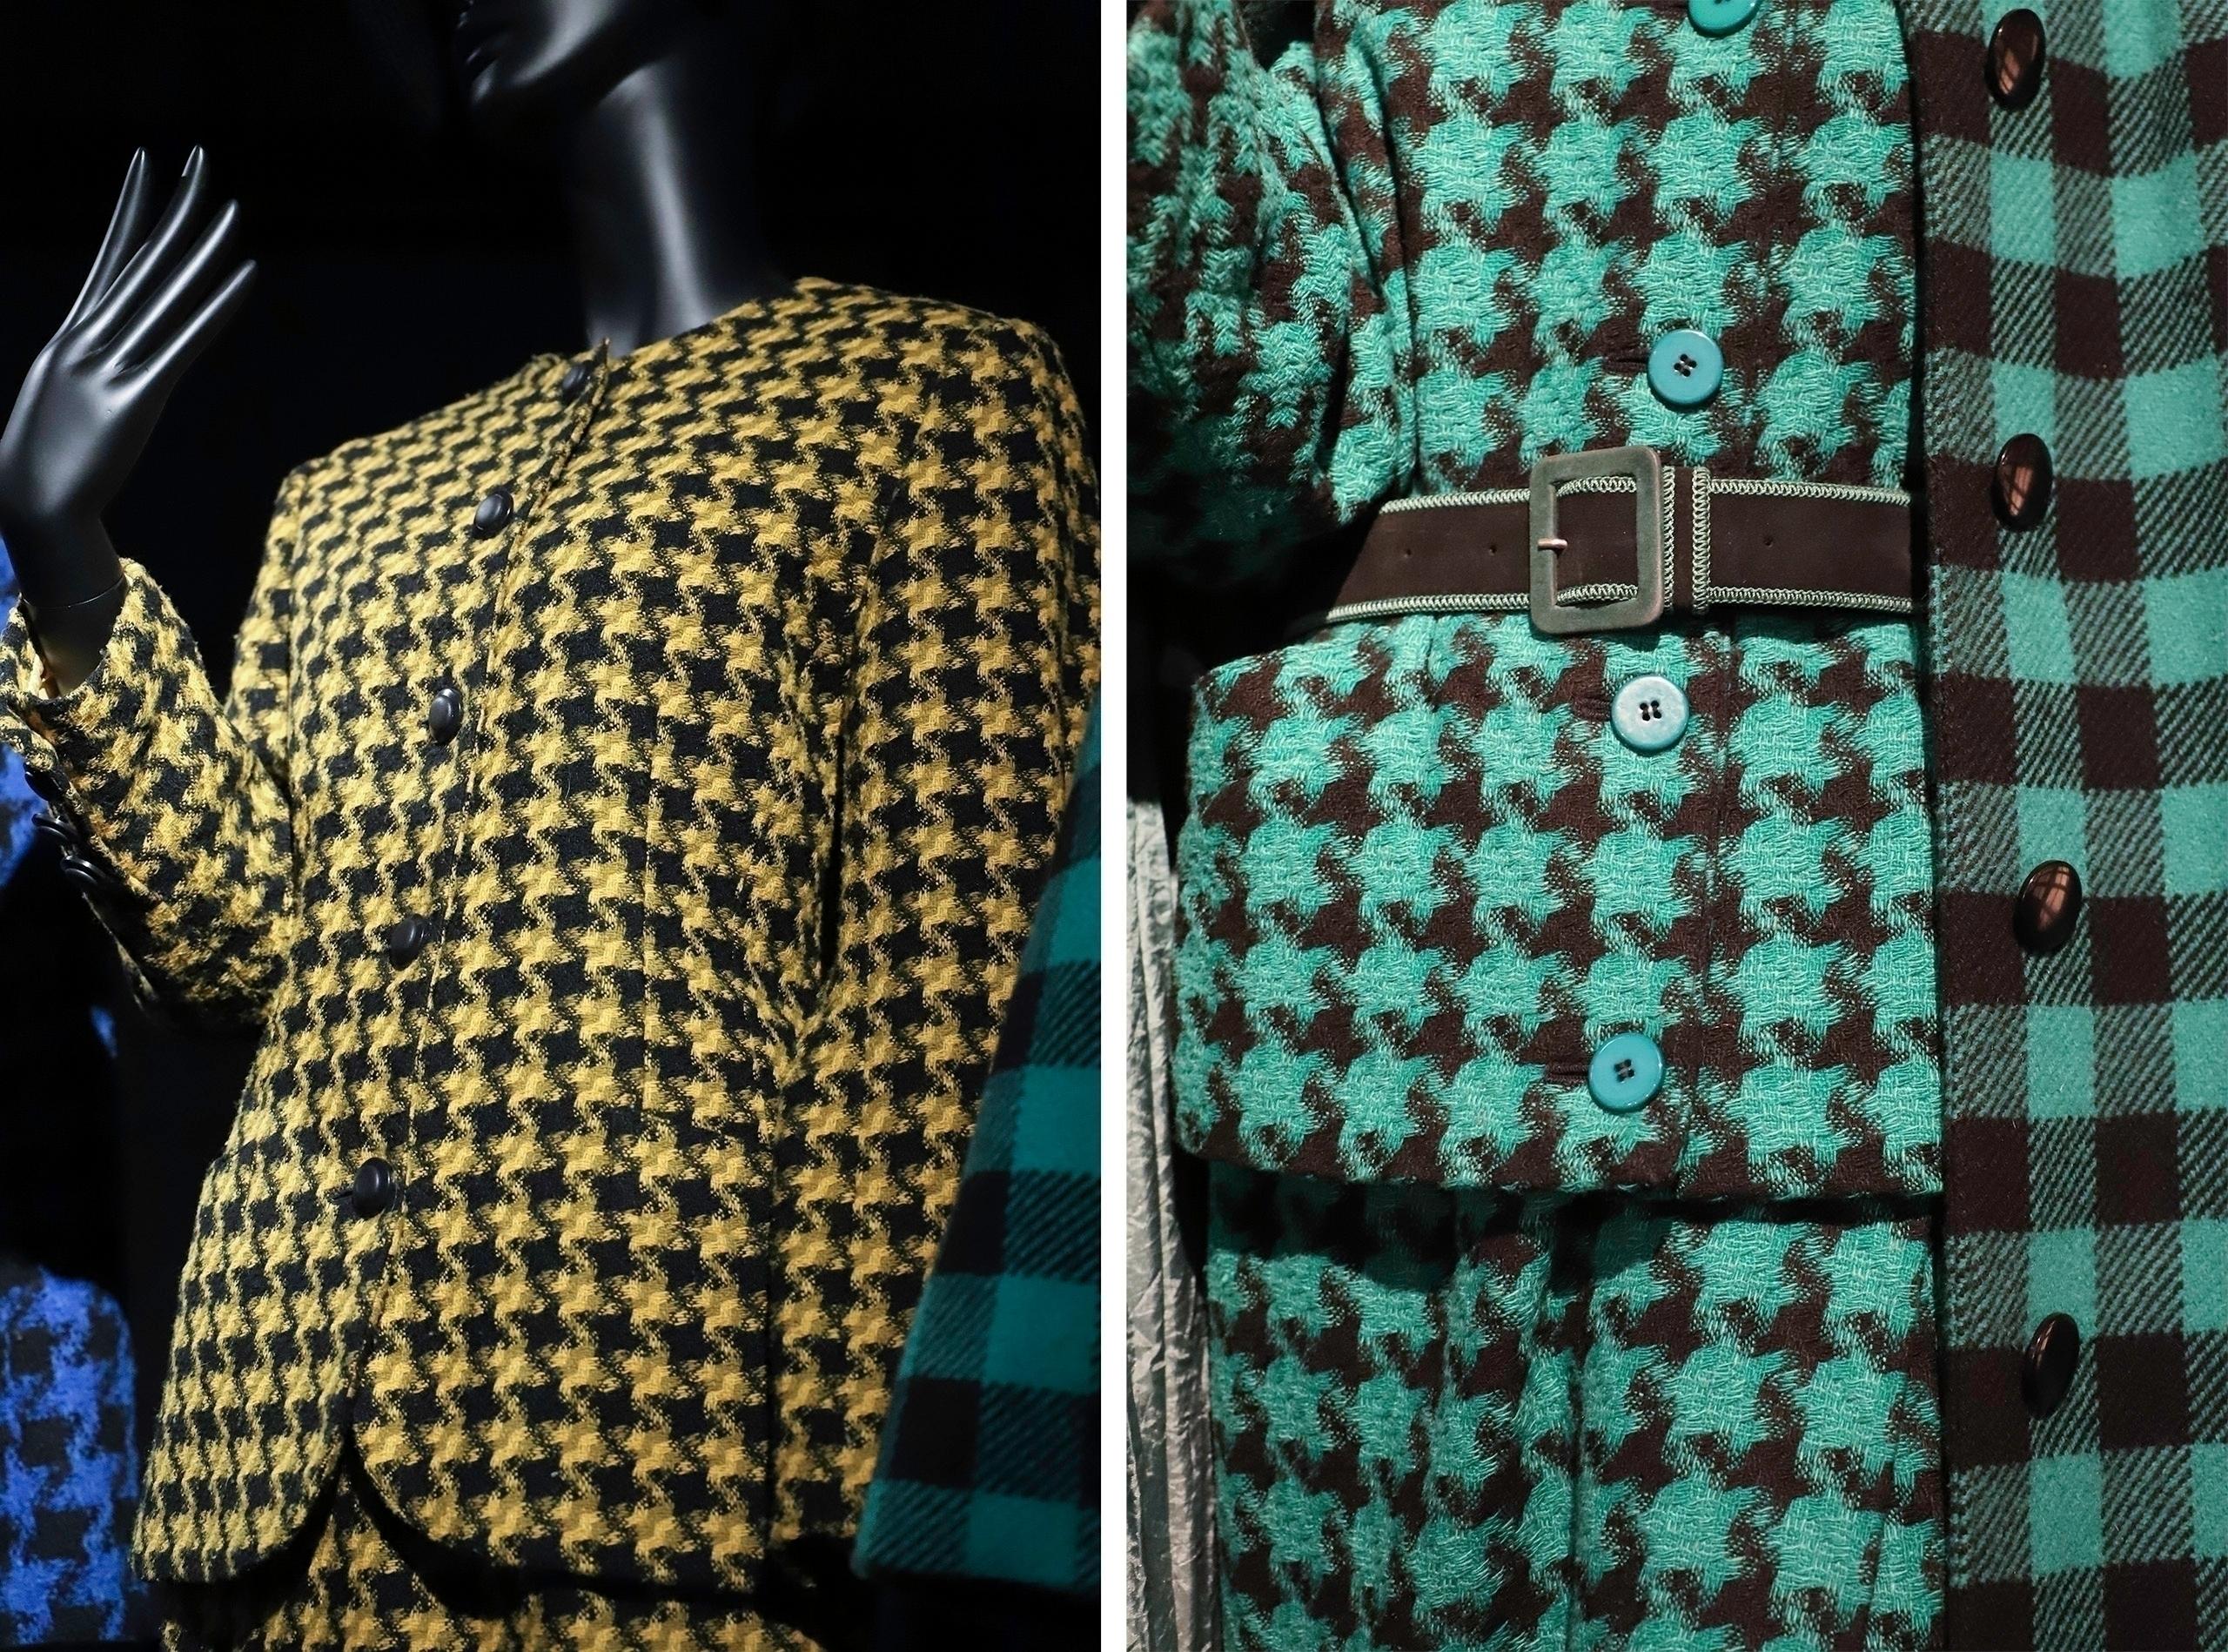 Obraz przedstawia dwa zdjęcia, które są fragmentami zielonego i żółtego kostiumu.